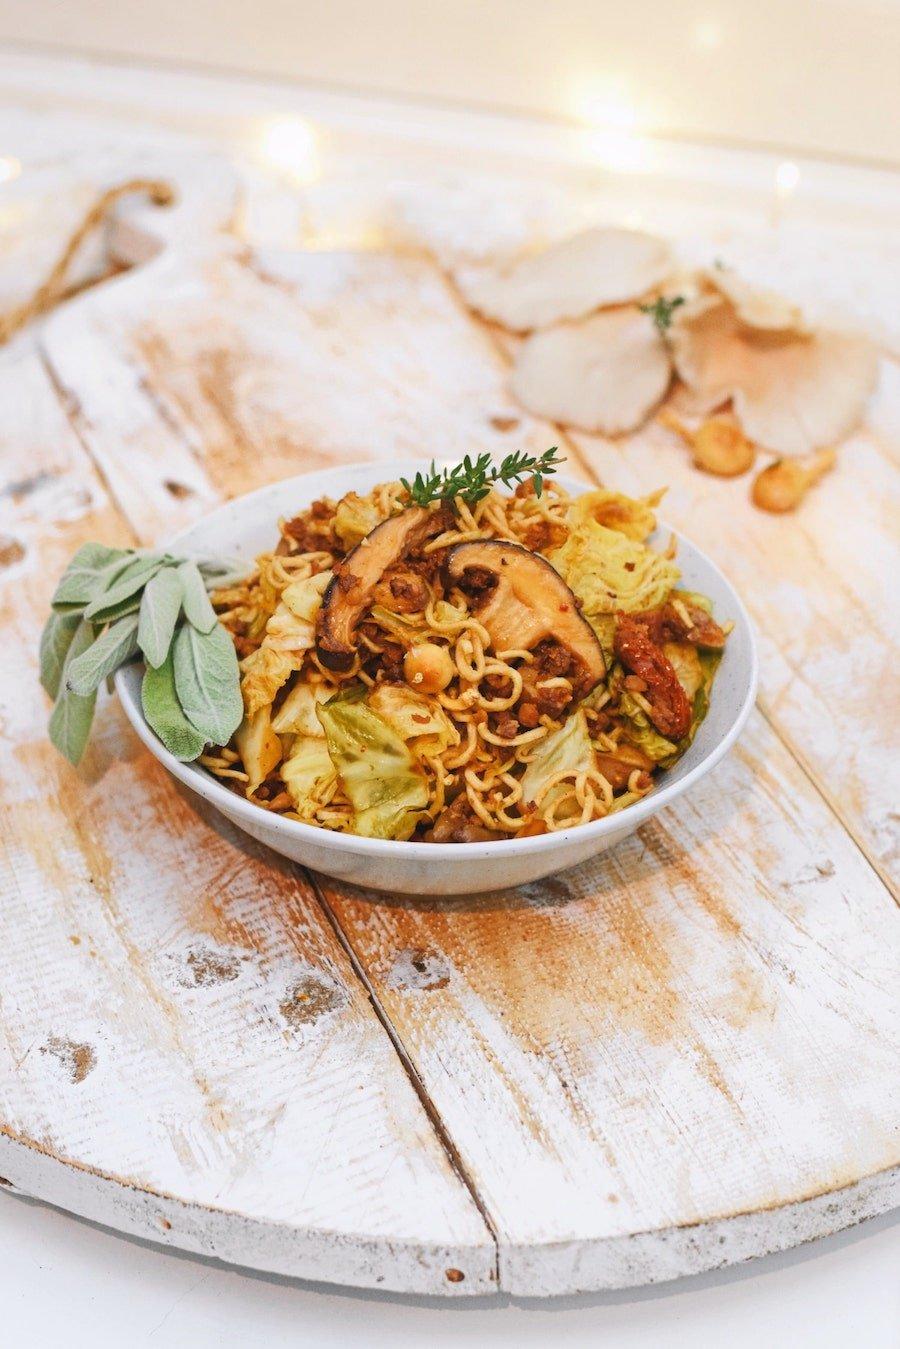 Snelle noedels met groene kool en paddenstoelen | Vegetarisch noedels recept